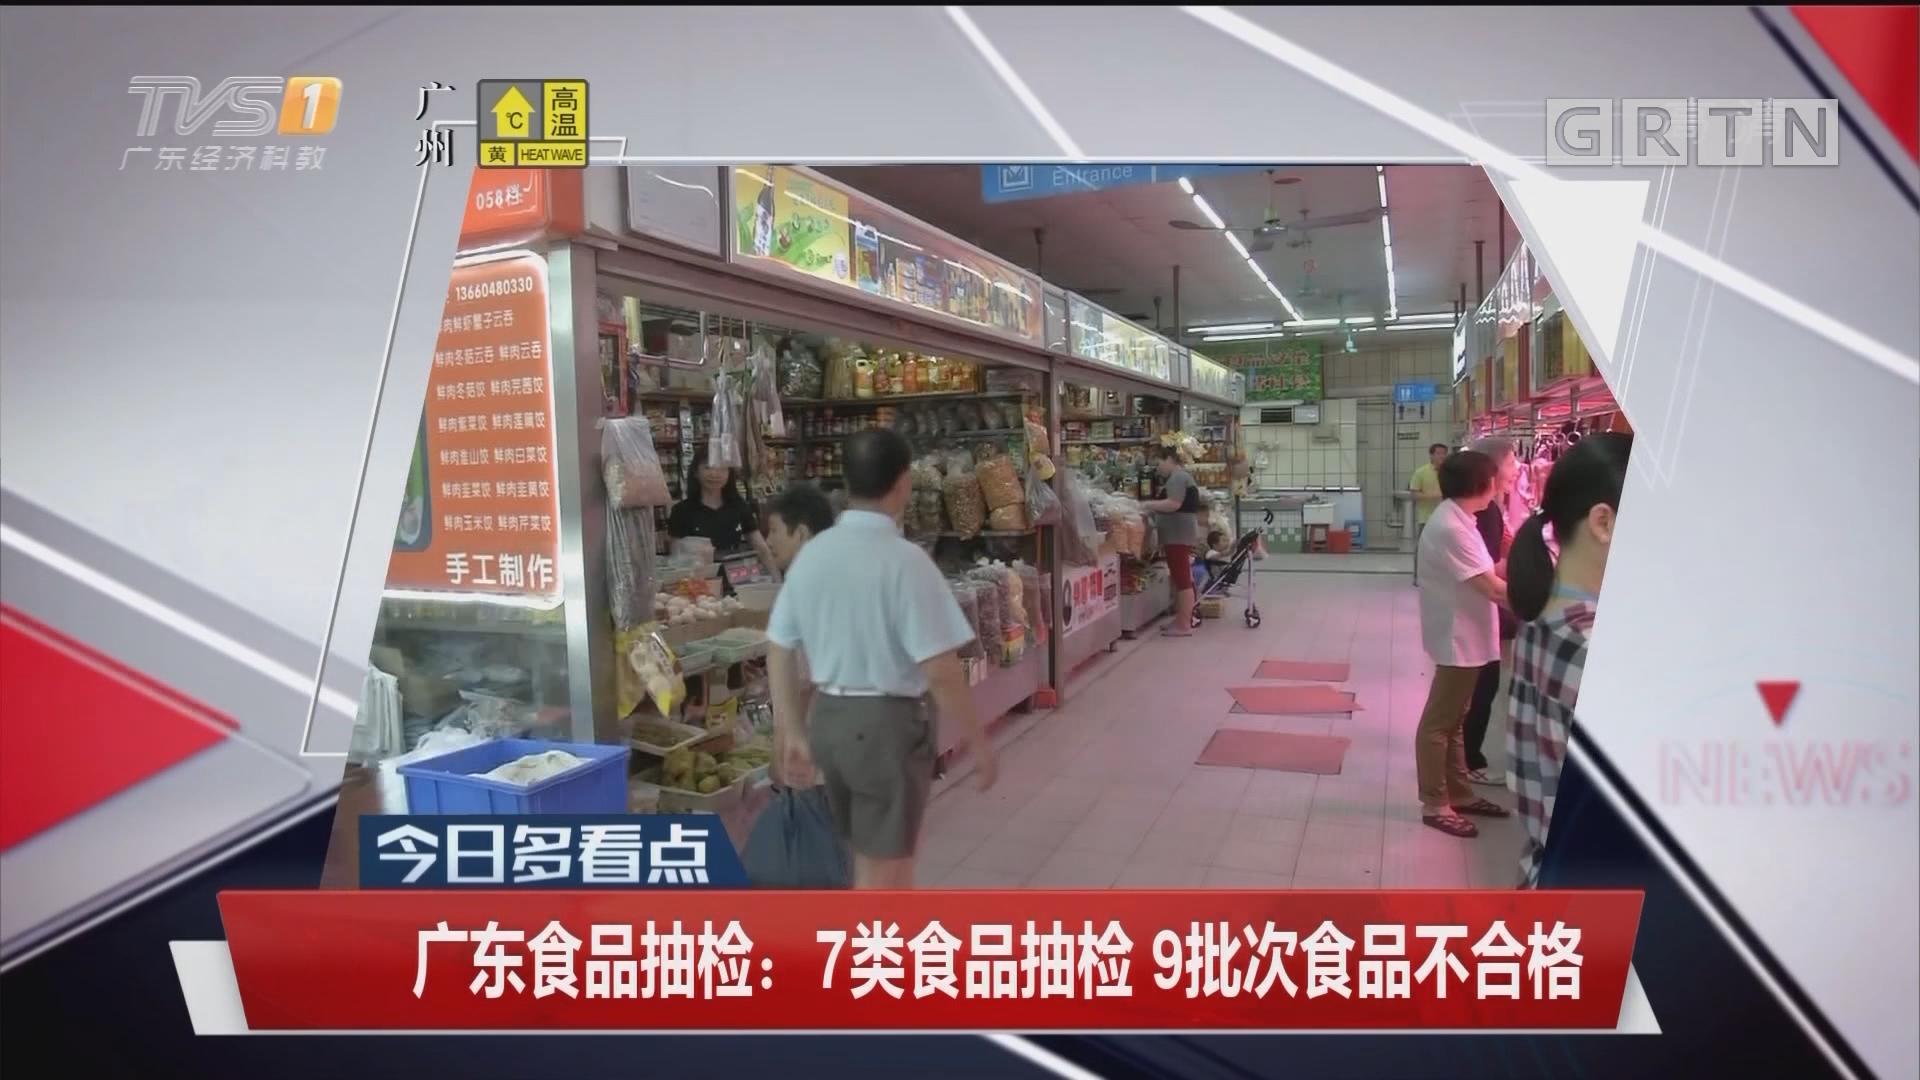 广东食品抽检:7类食品抽检 9批次食品不合格